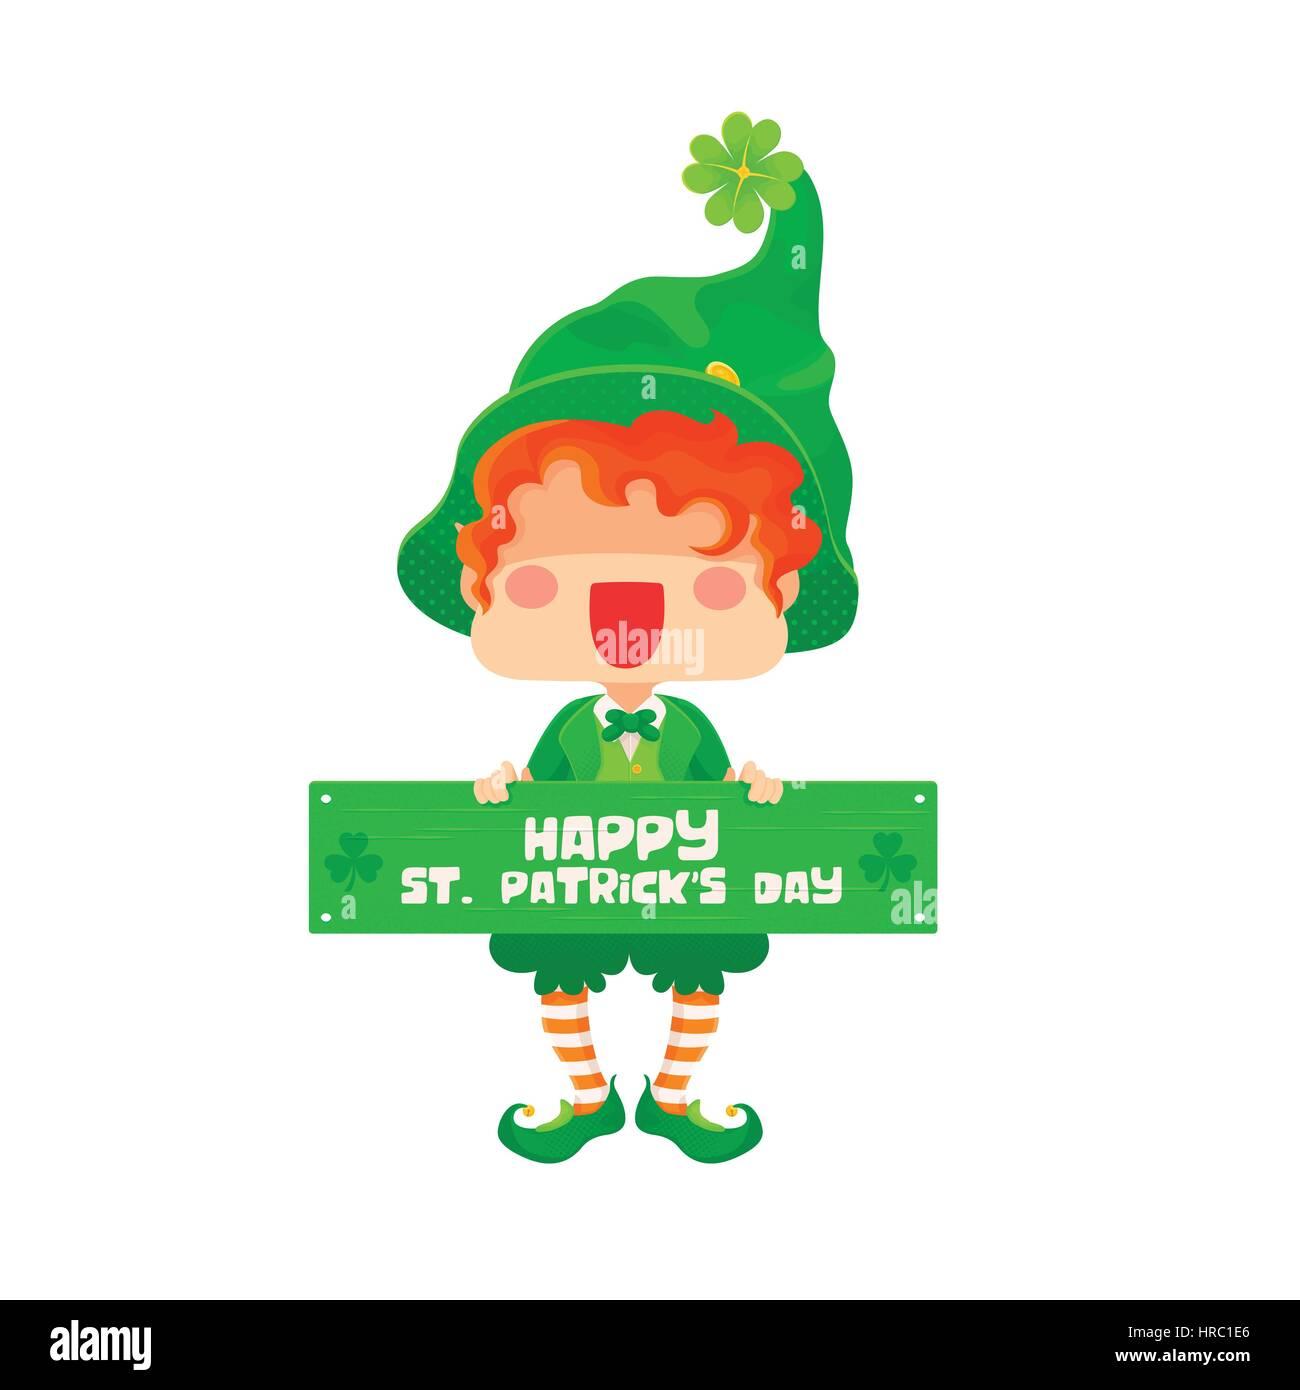 5b98917d3 Ilustración vectorial del Día de San Patricio feliz duende con signo de  saludo para tarjeta de